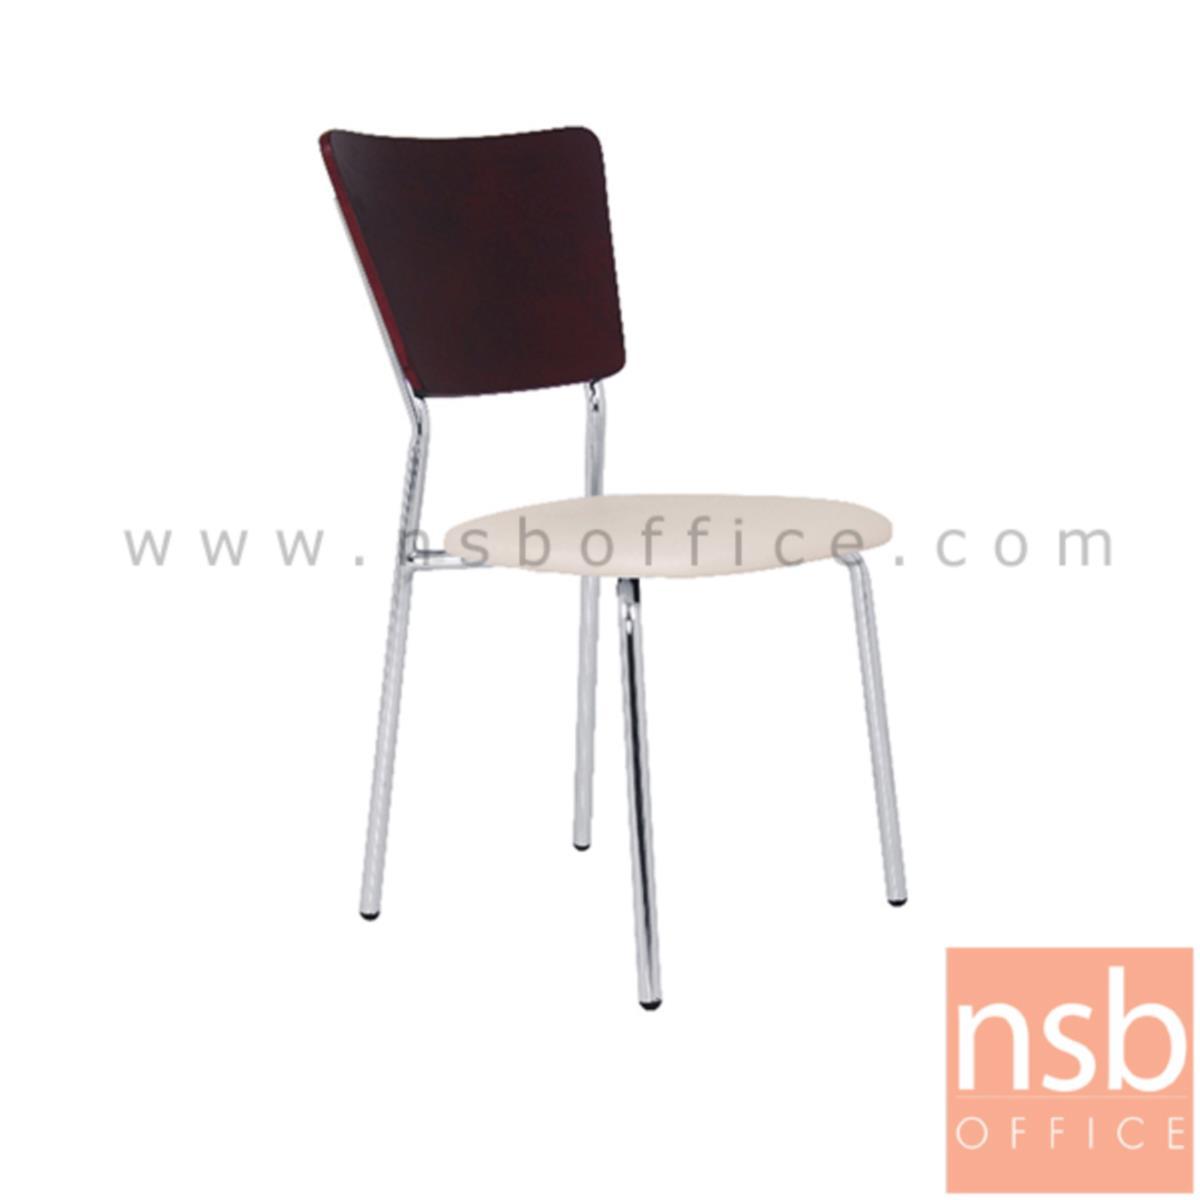 B22A142:เก้าอี้ไม้วีเนียร์ที่นั่งหุ้มหนังเทียม รุ่น DIC-73  ที่นั่งหุ้มด้วยหนังเทียม